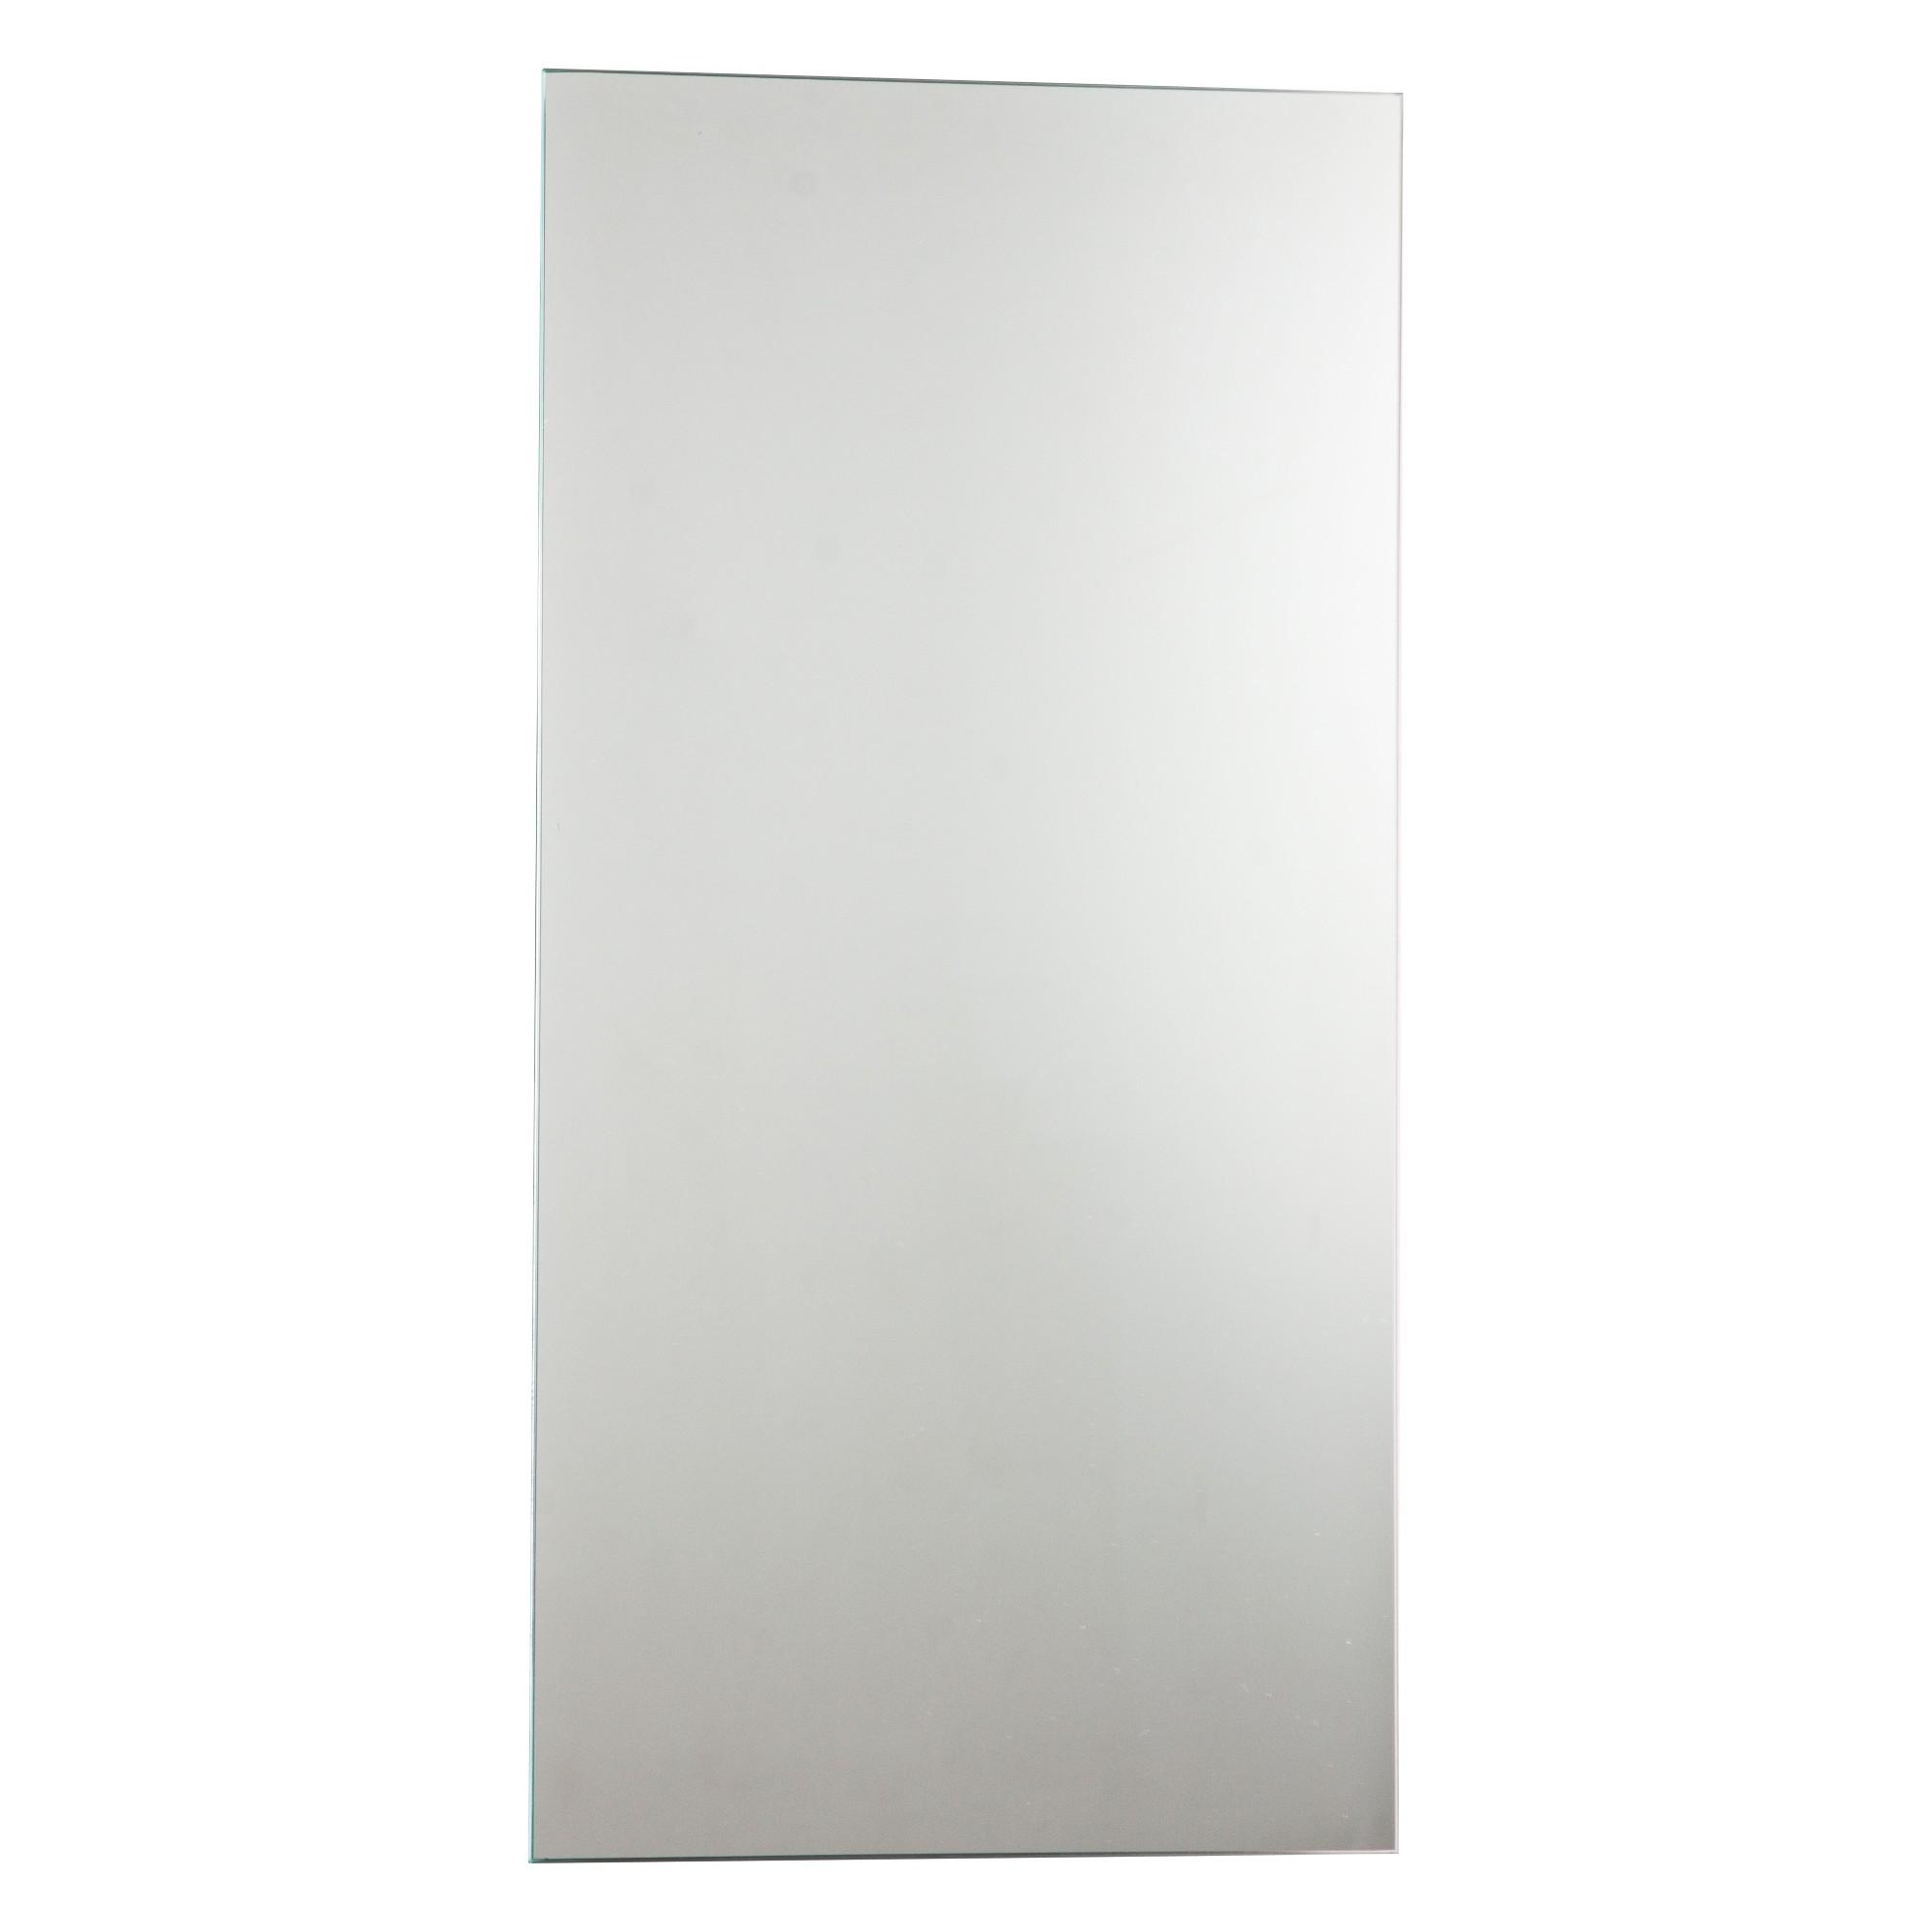 Espelho Para Parede Retangular 3mm 60x30 cm - Kanon